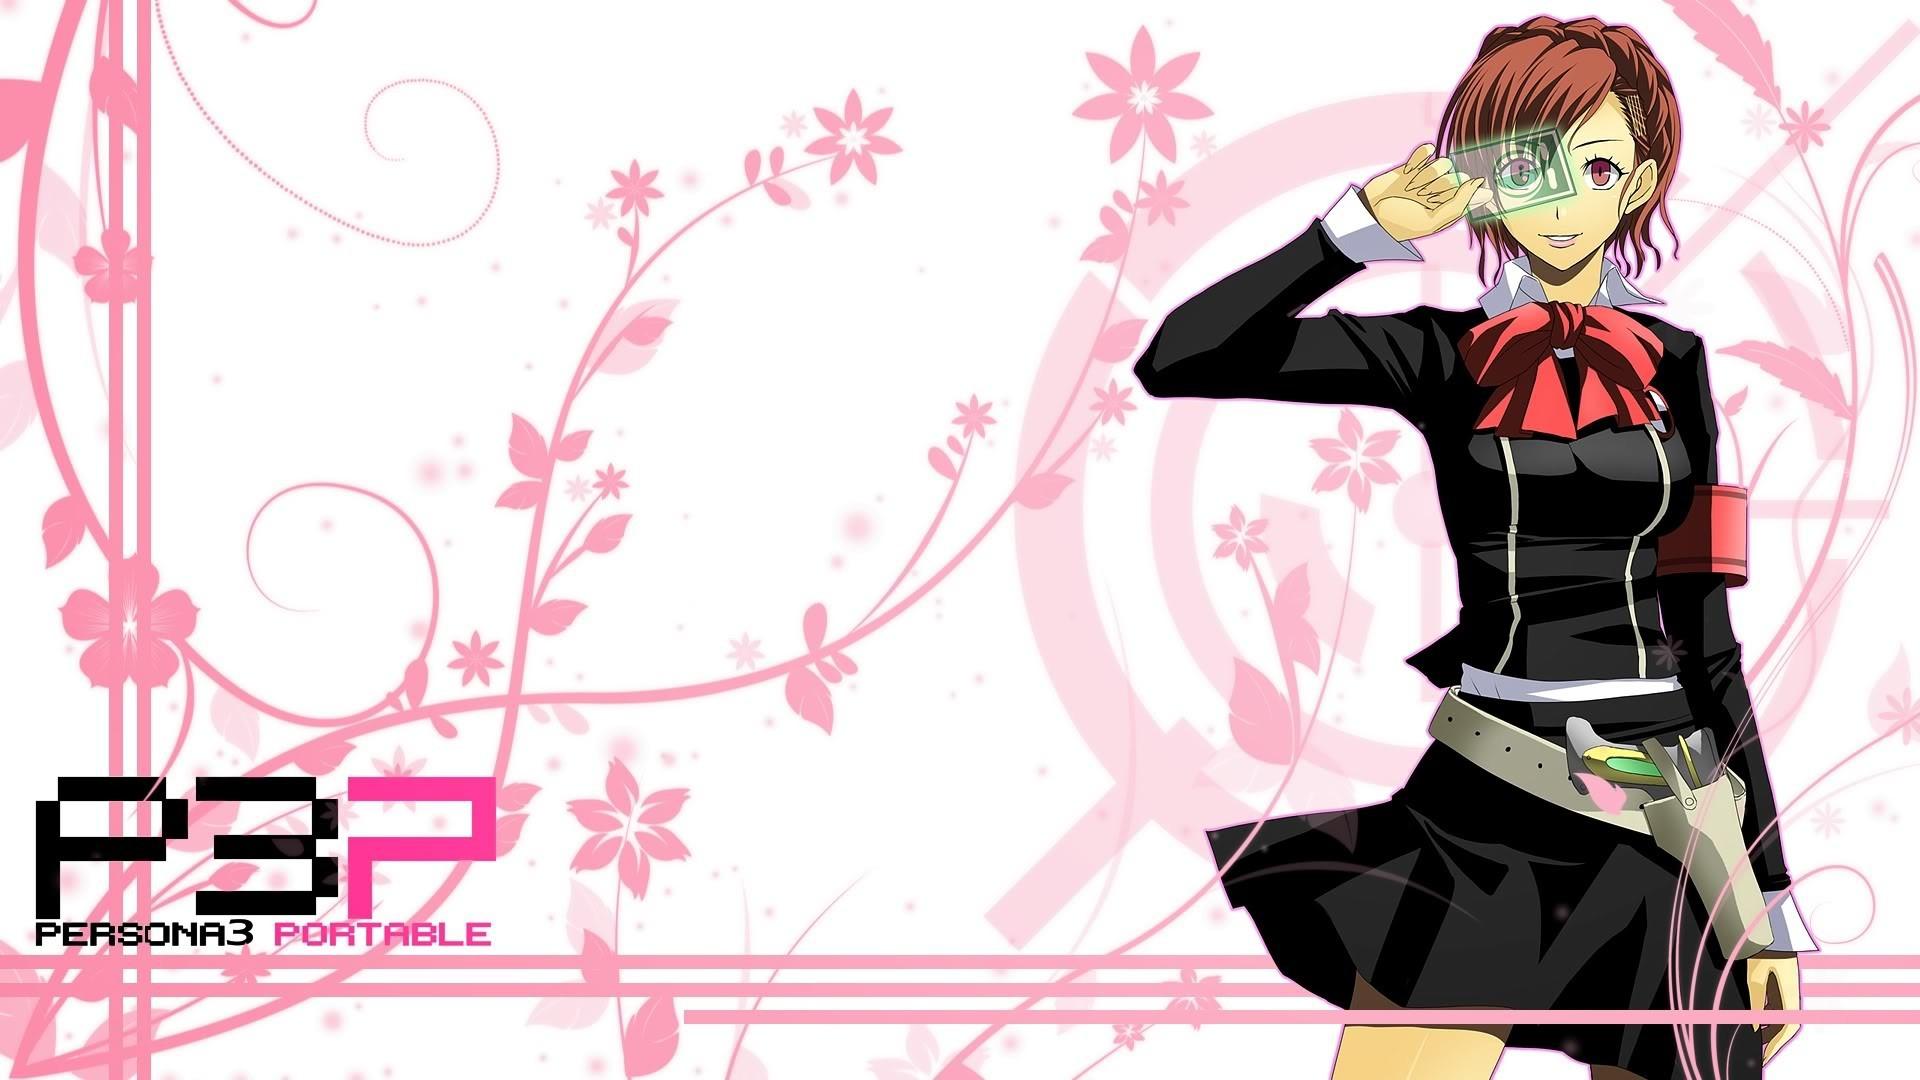 Persona 3 Portable Wallpaper Persona 3 spri…